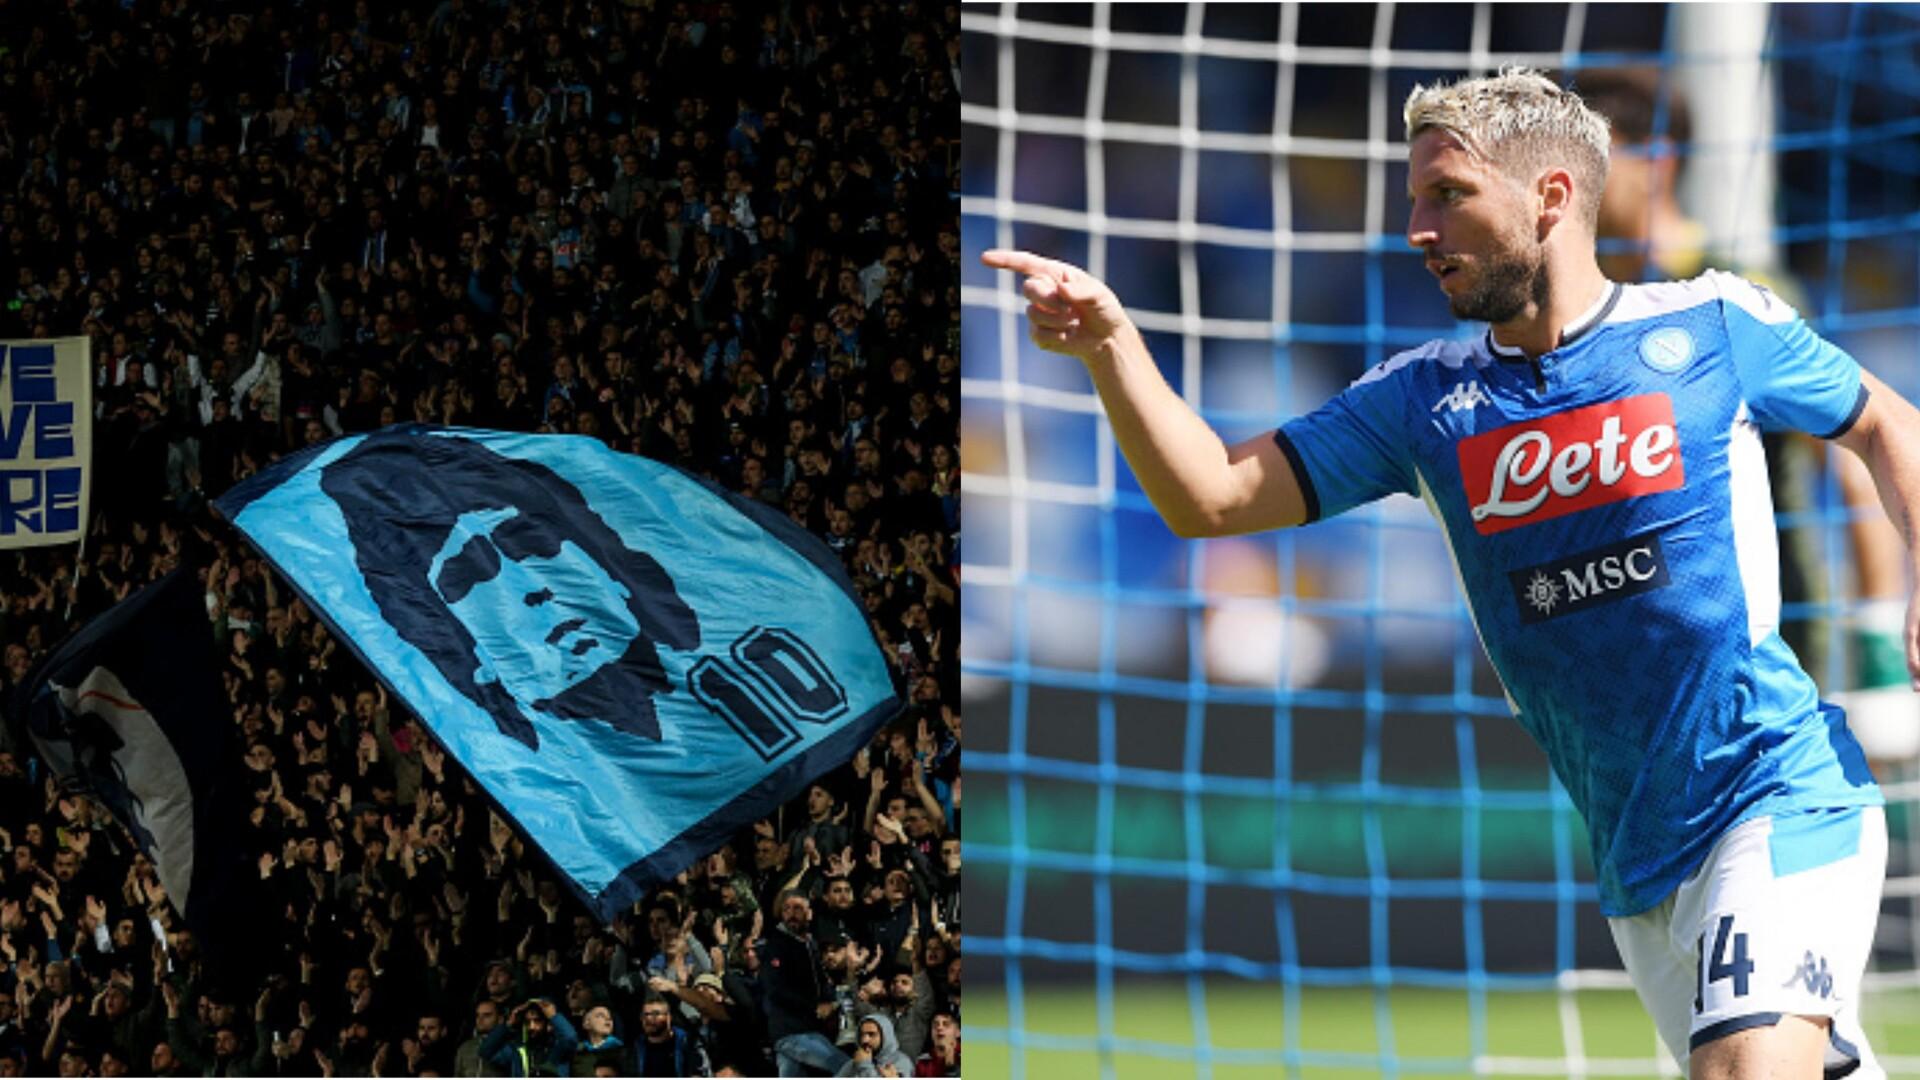 ميرتينز يعادل رقم مارادونا في قائمة هدافي نابولي التاريخية